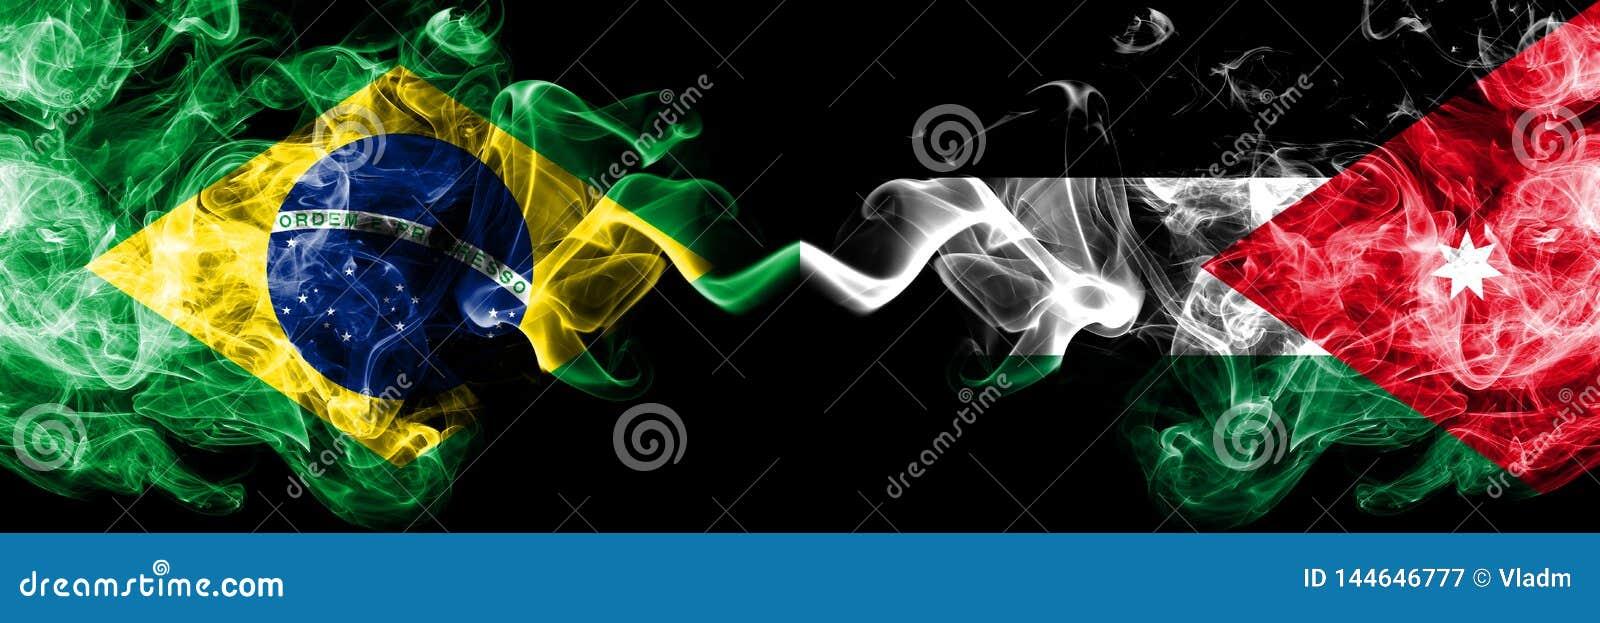 Brasilien vs Jordanien, jordanska rökflaggor förlade sidan - vid - sidan Tjocka kulöra silkeslena rökflaggor av brasilianen och J